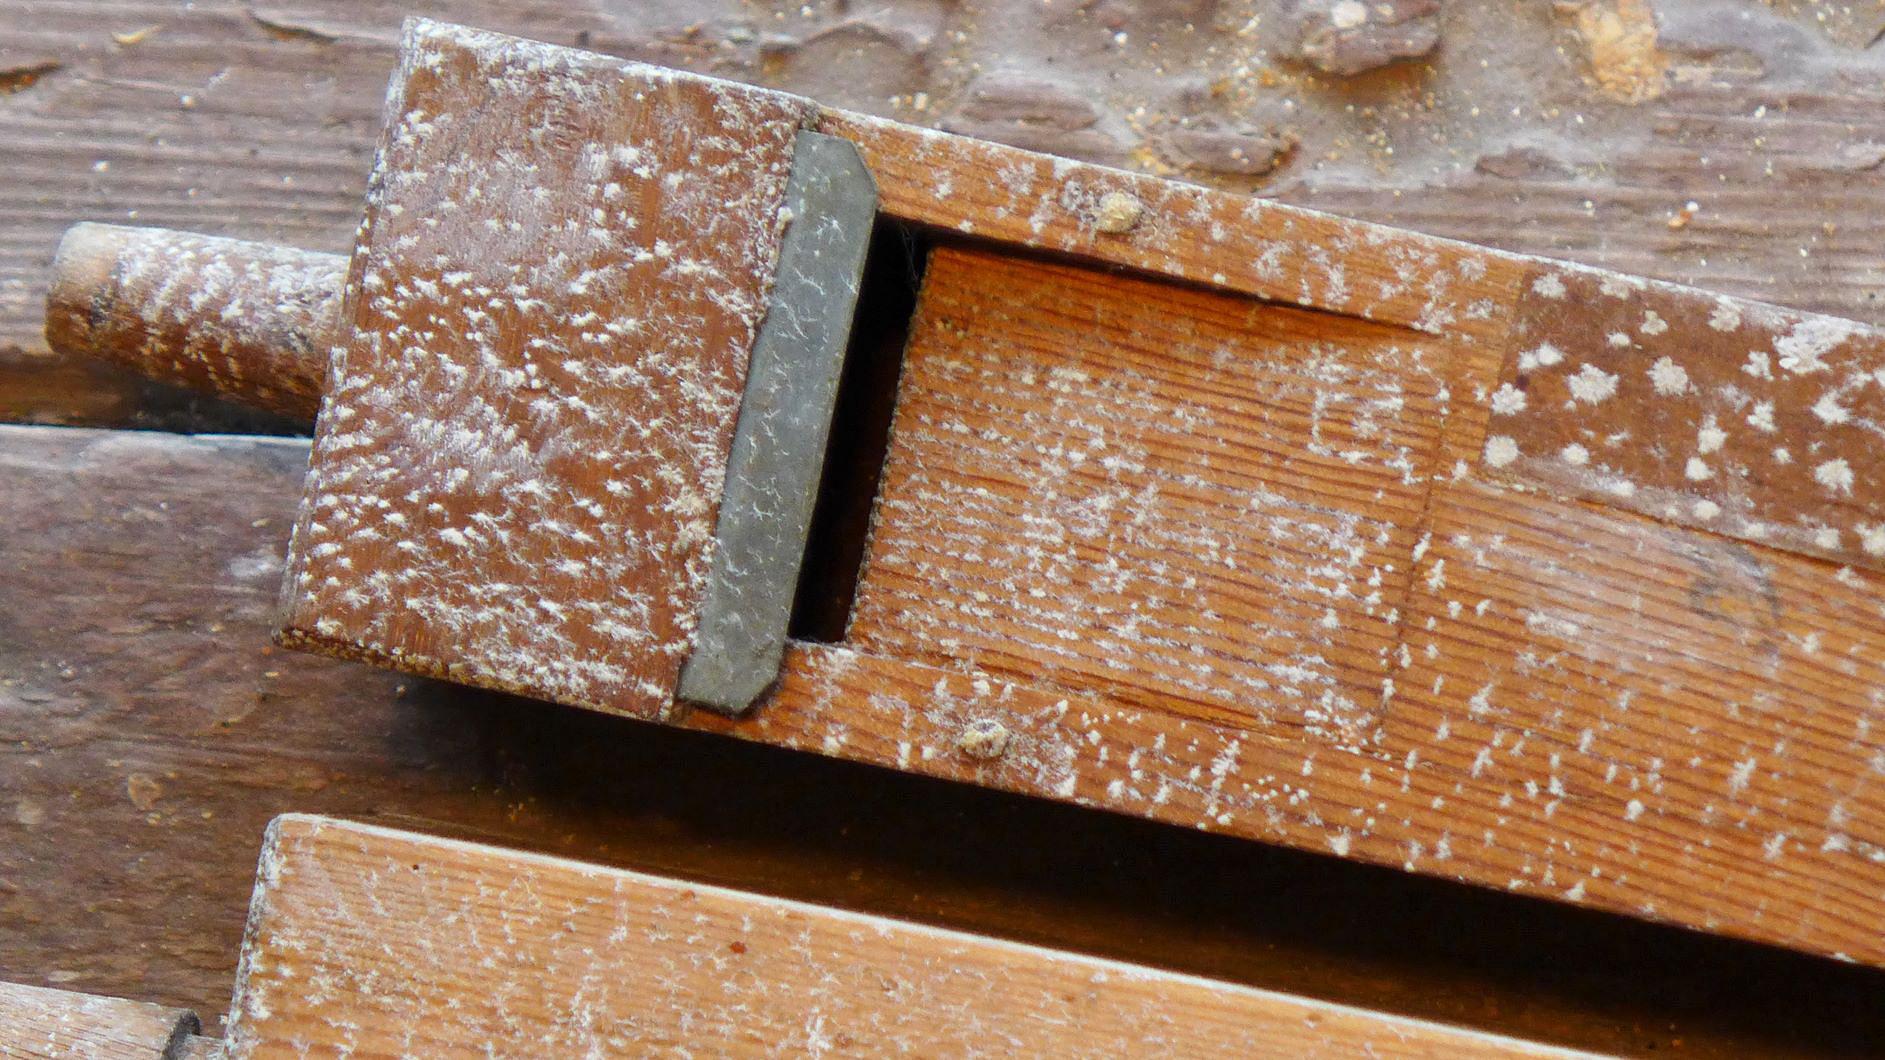 kristallisiertes Gift an den Flöten der Orgel - Eselpilgerlichtkirche Neuendorf